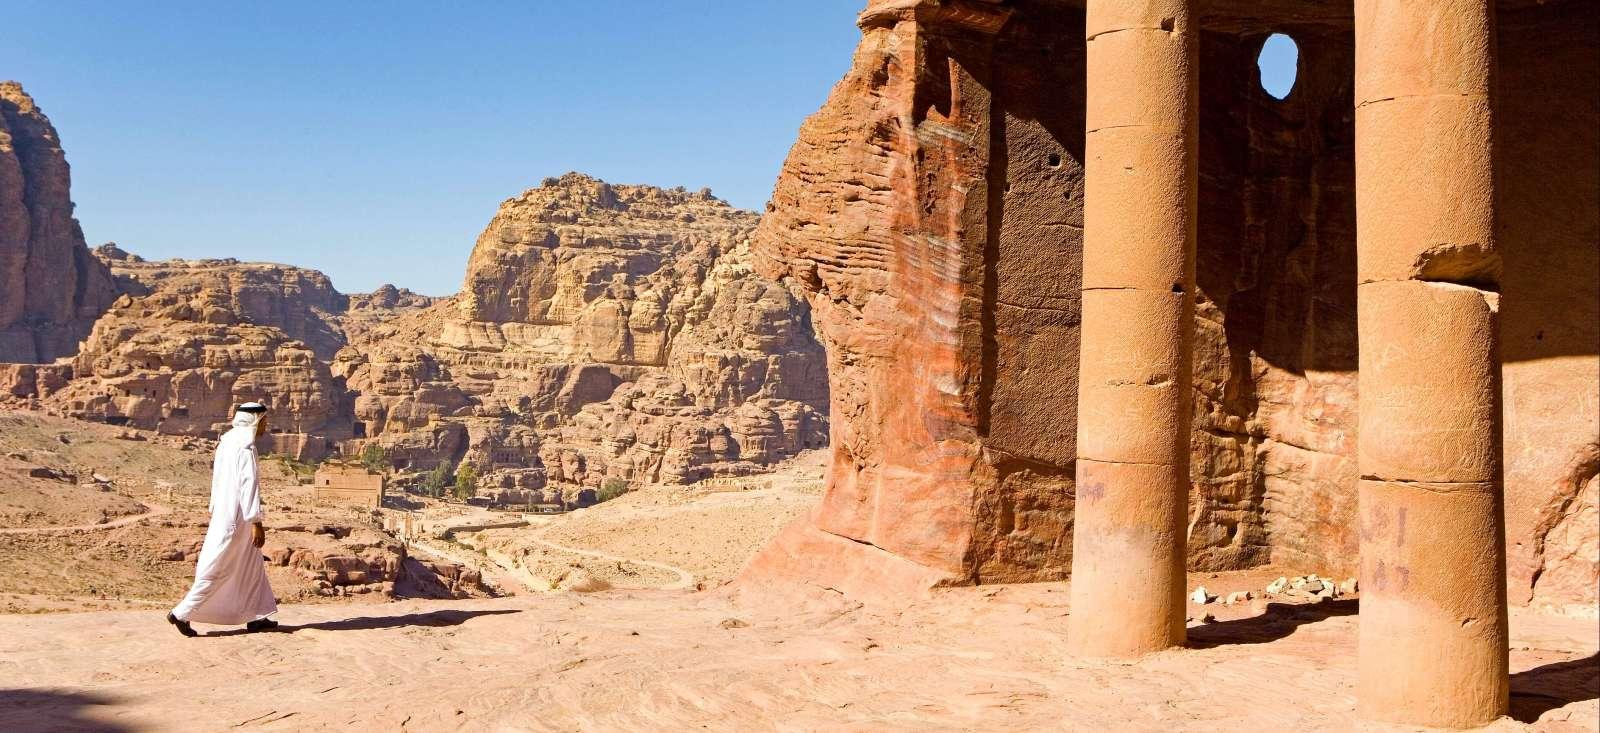 Voyage à pied : Les merveilles du monde, de Pétra au Caire